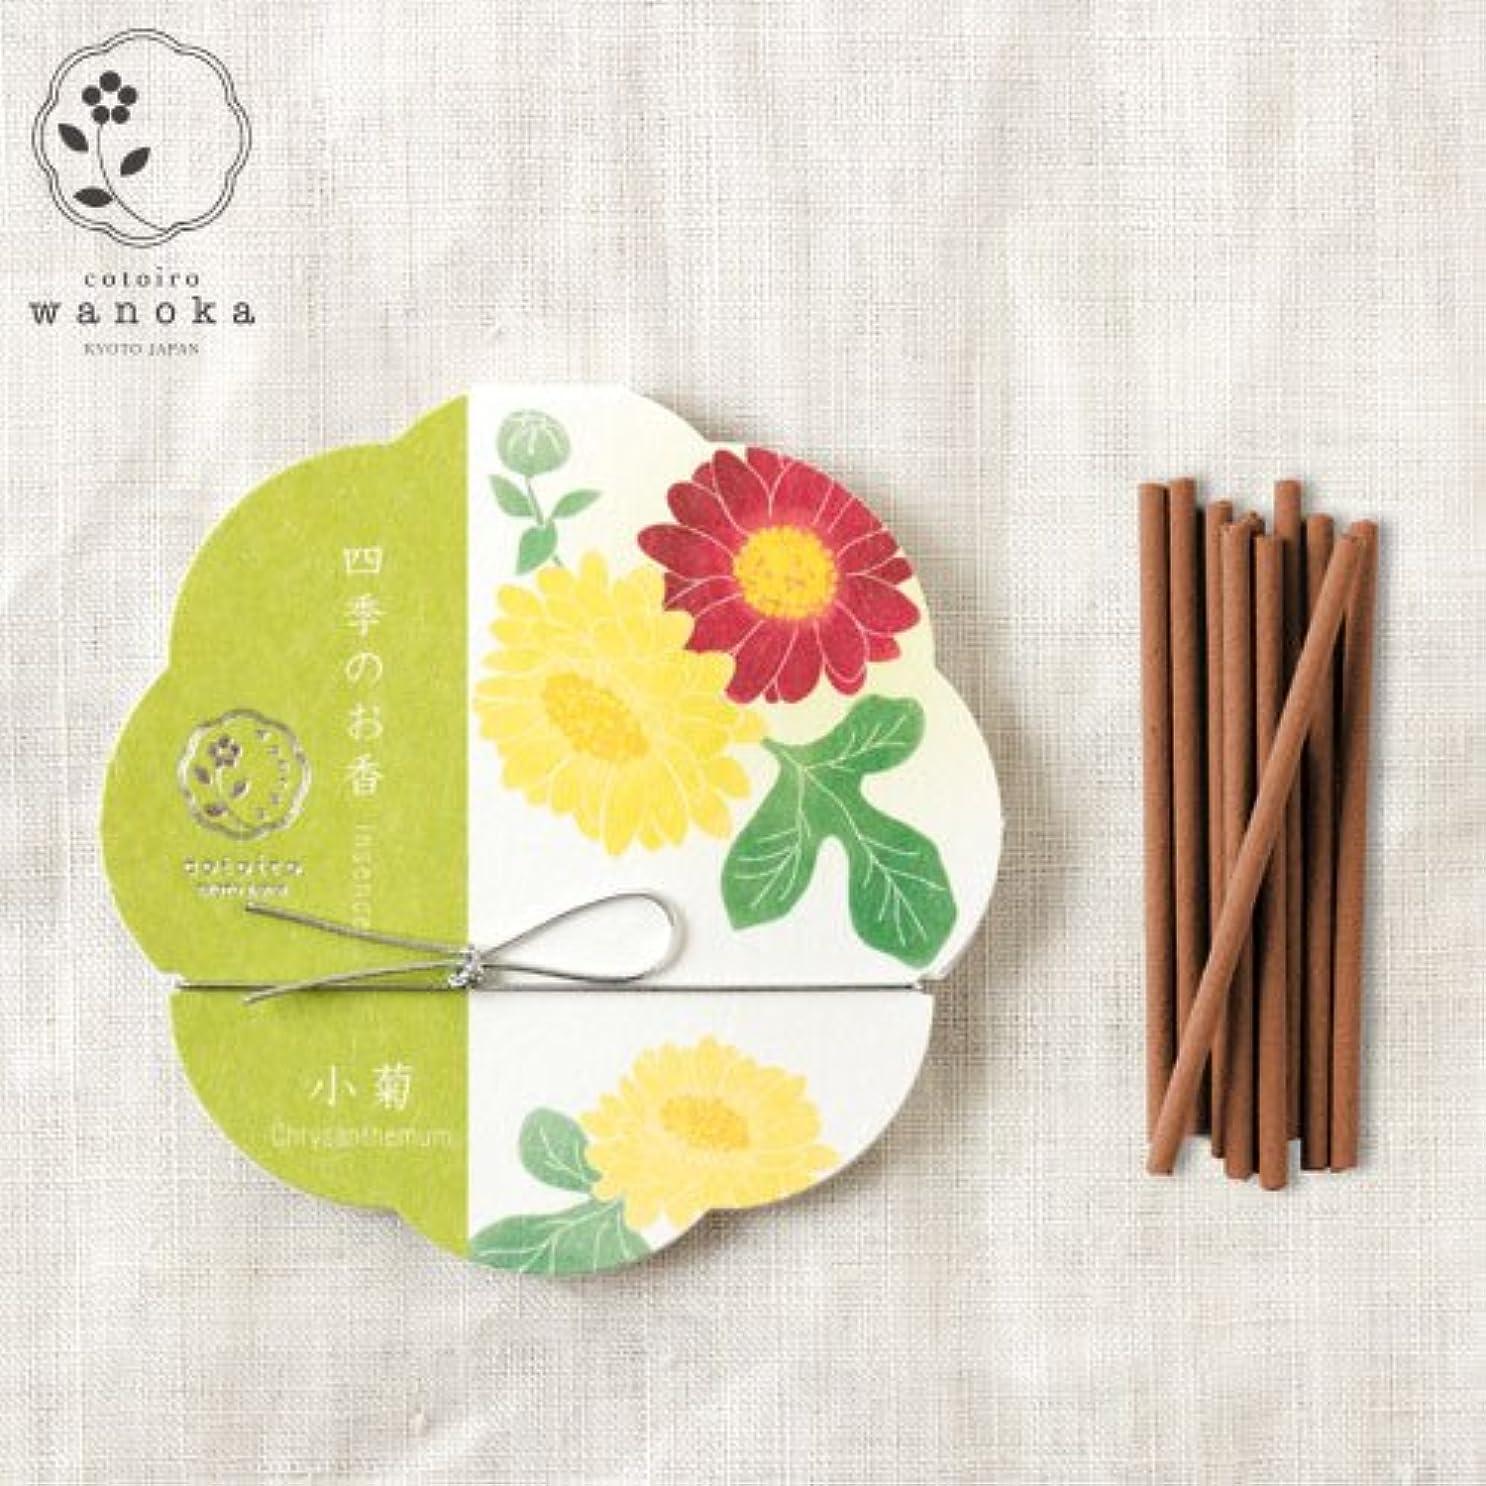 アラーム用量提供wanoka四季のお香(インセンス)小菊《小菊をイメージした優しい香り》ART LABIncense stick